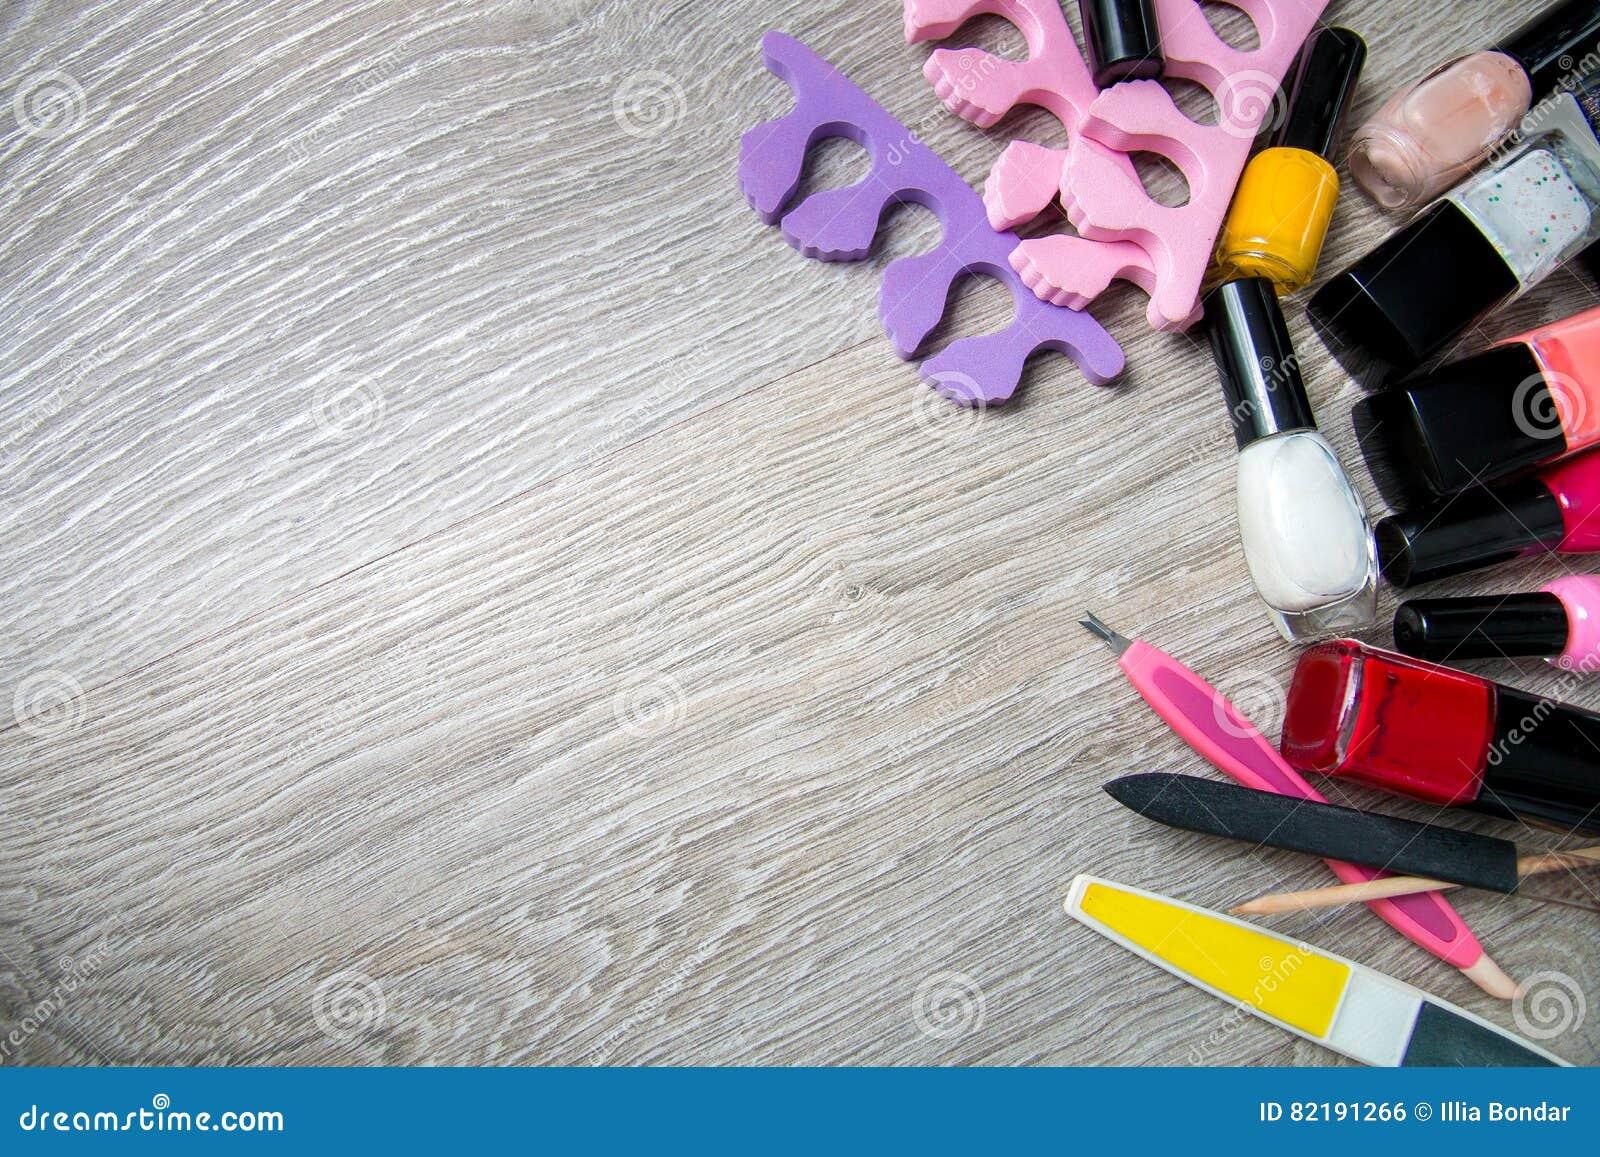 Reeks nagellak en hulpmiddelen voor manicurepedicure op een grijze houten achtergrond kader de - Grijze ruimte ...